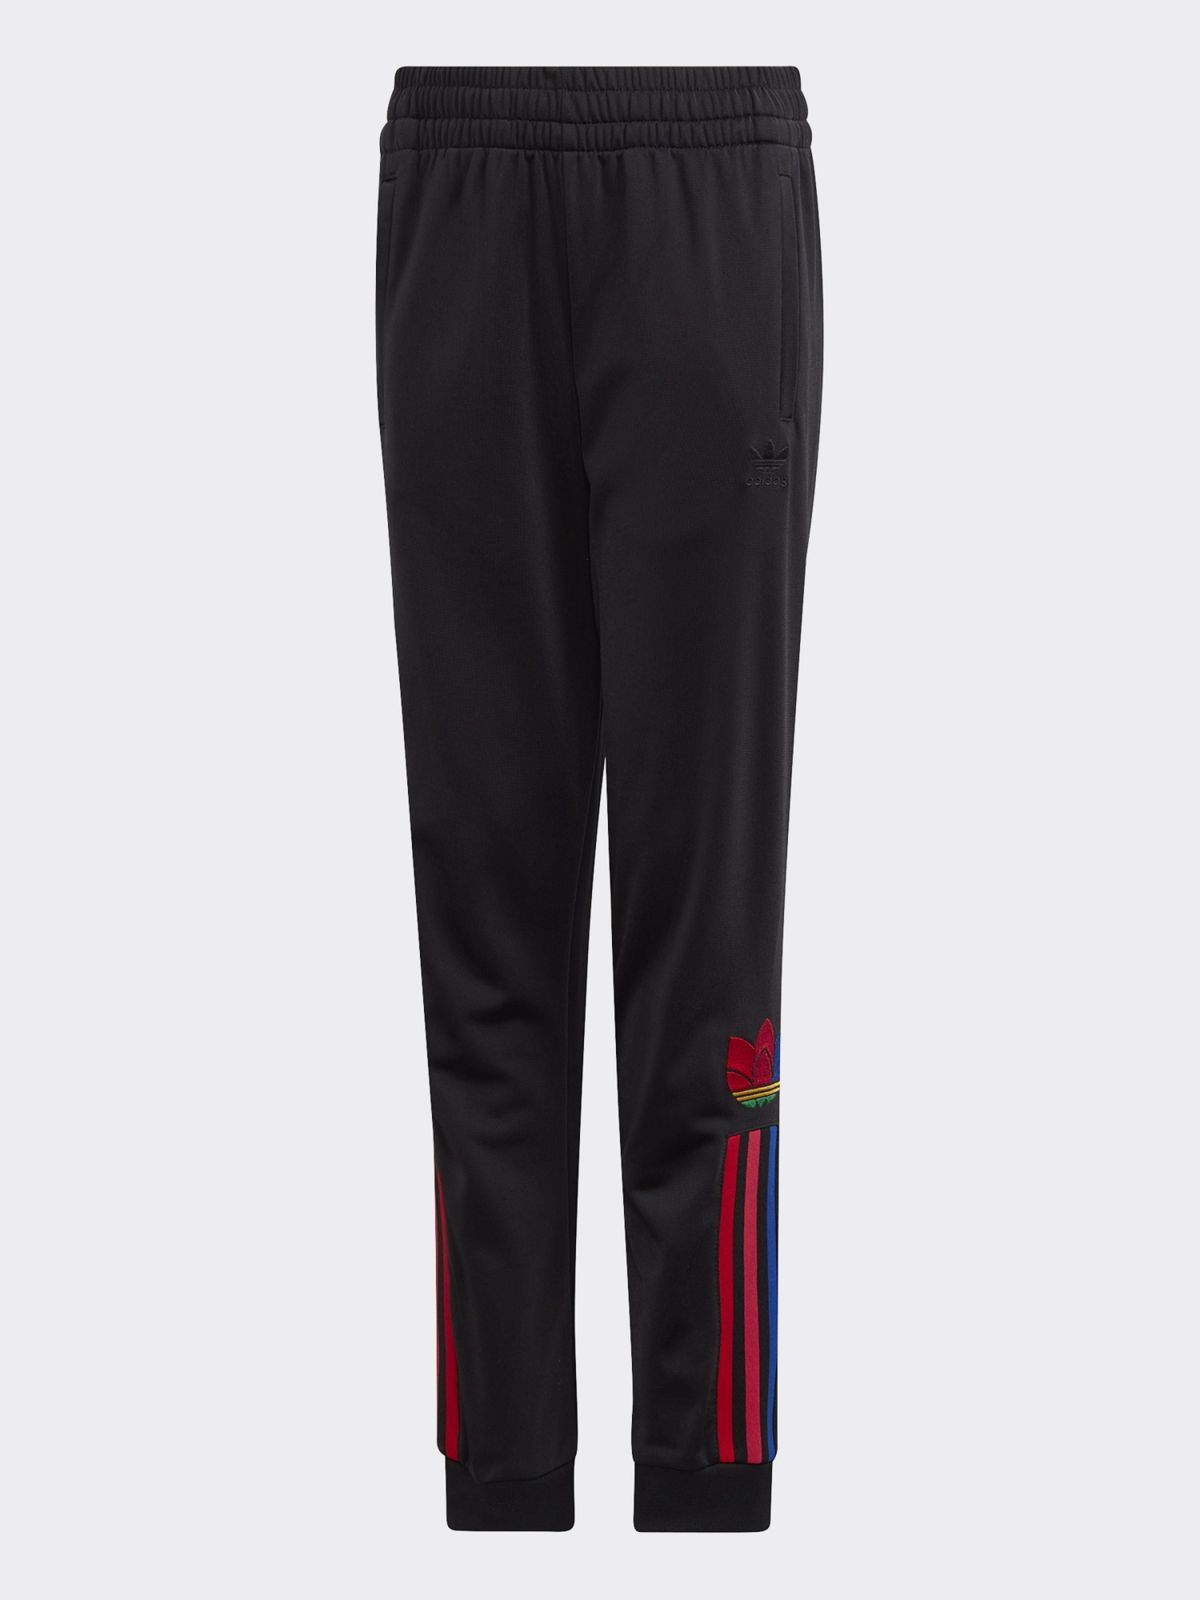 מכנסיים ארוכים עם לוגו / בניםמכנסיים ארוכים עם לוגו / בנים של ADIDAS Originals